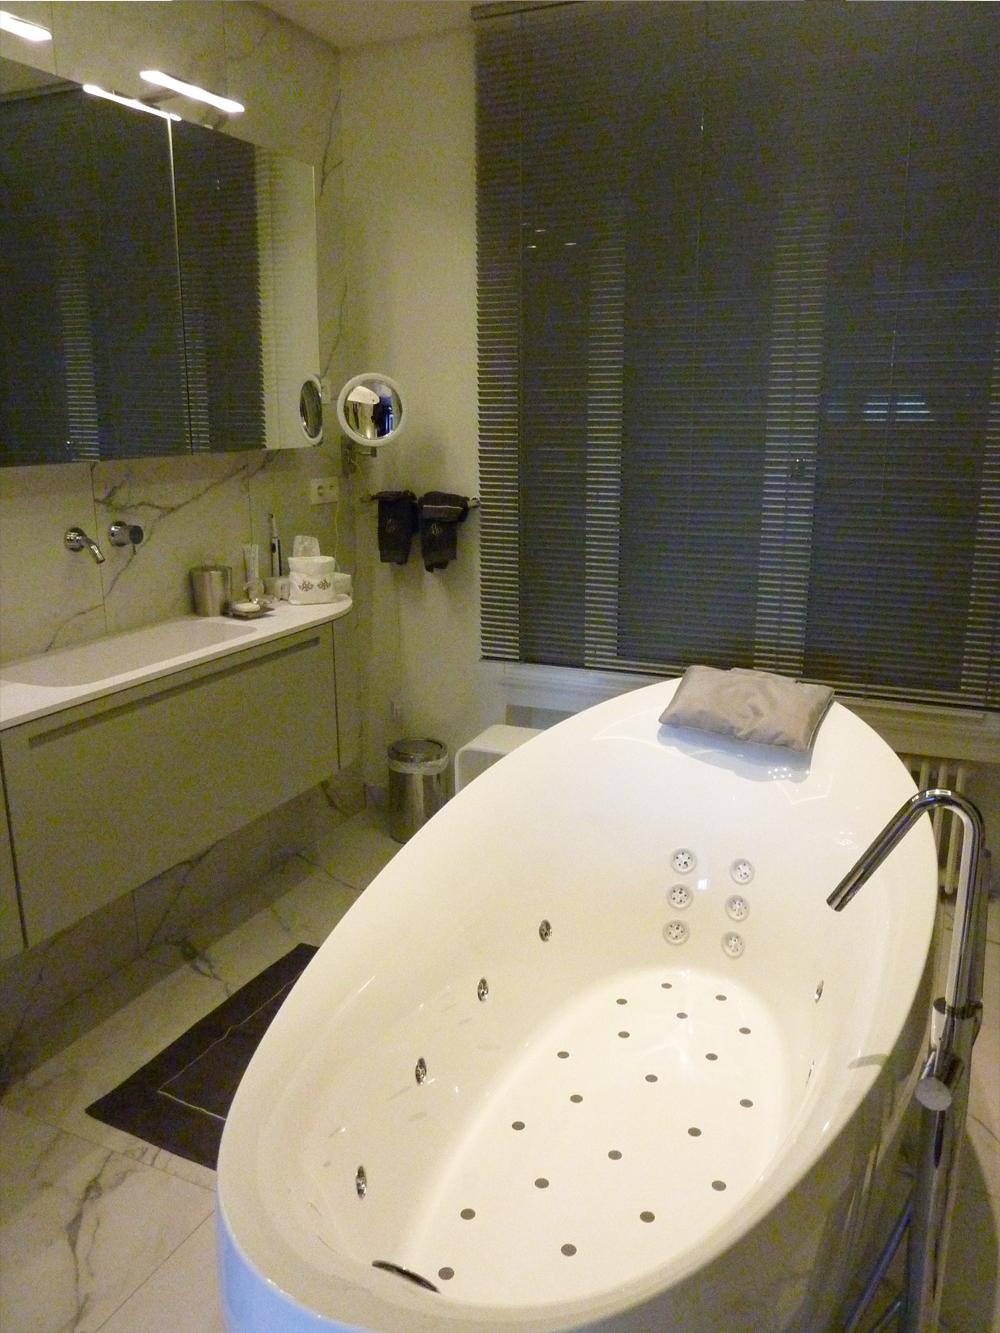 salle de bains lyon meilleures images d 39 inspiration pour votre design de maison. Black Bedroom Furniture Sets. Home Design Ideas